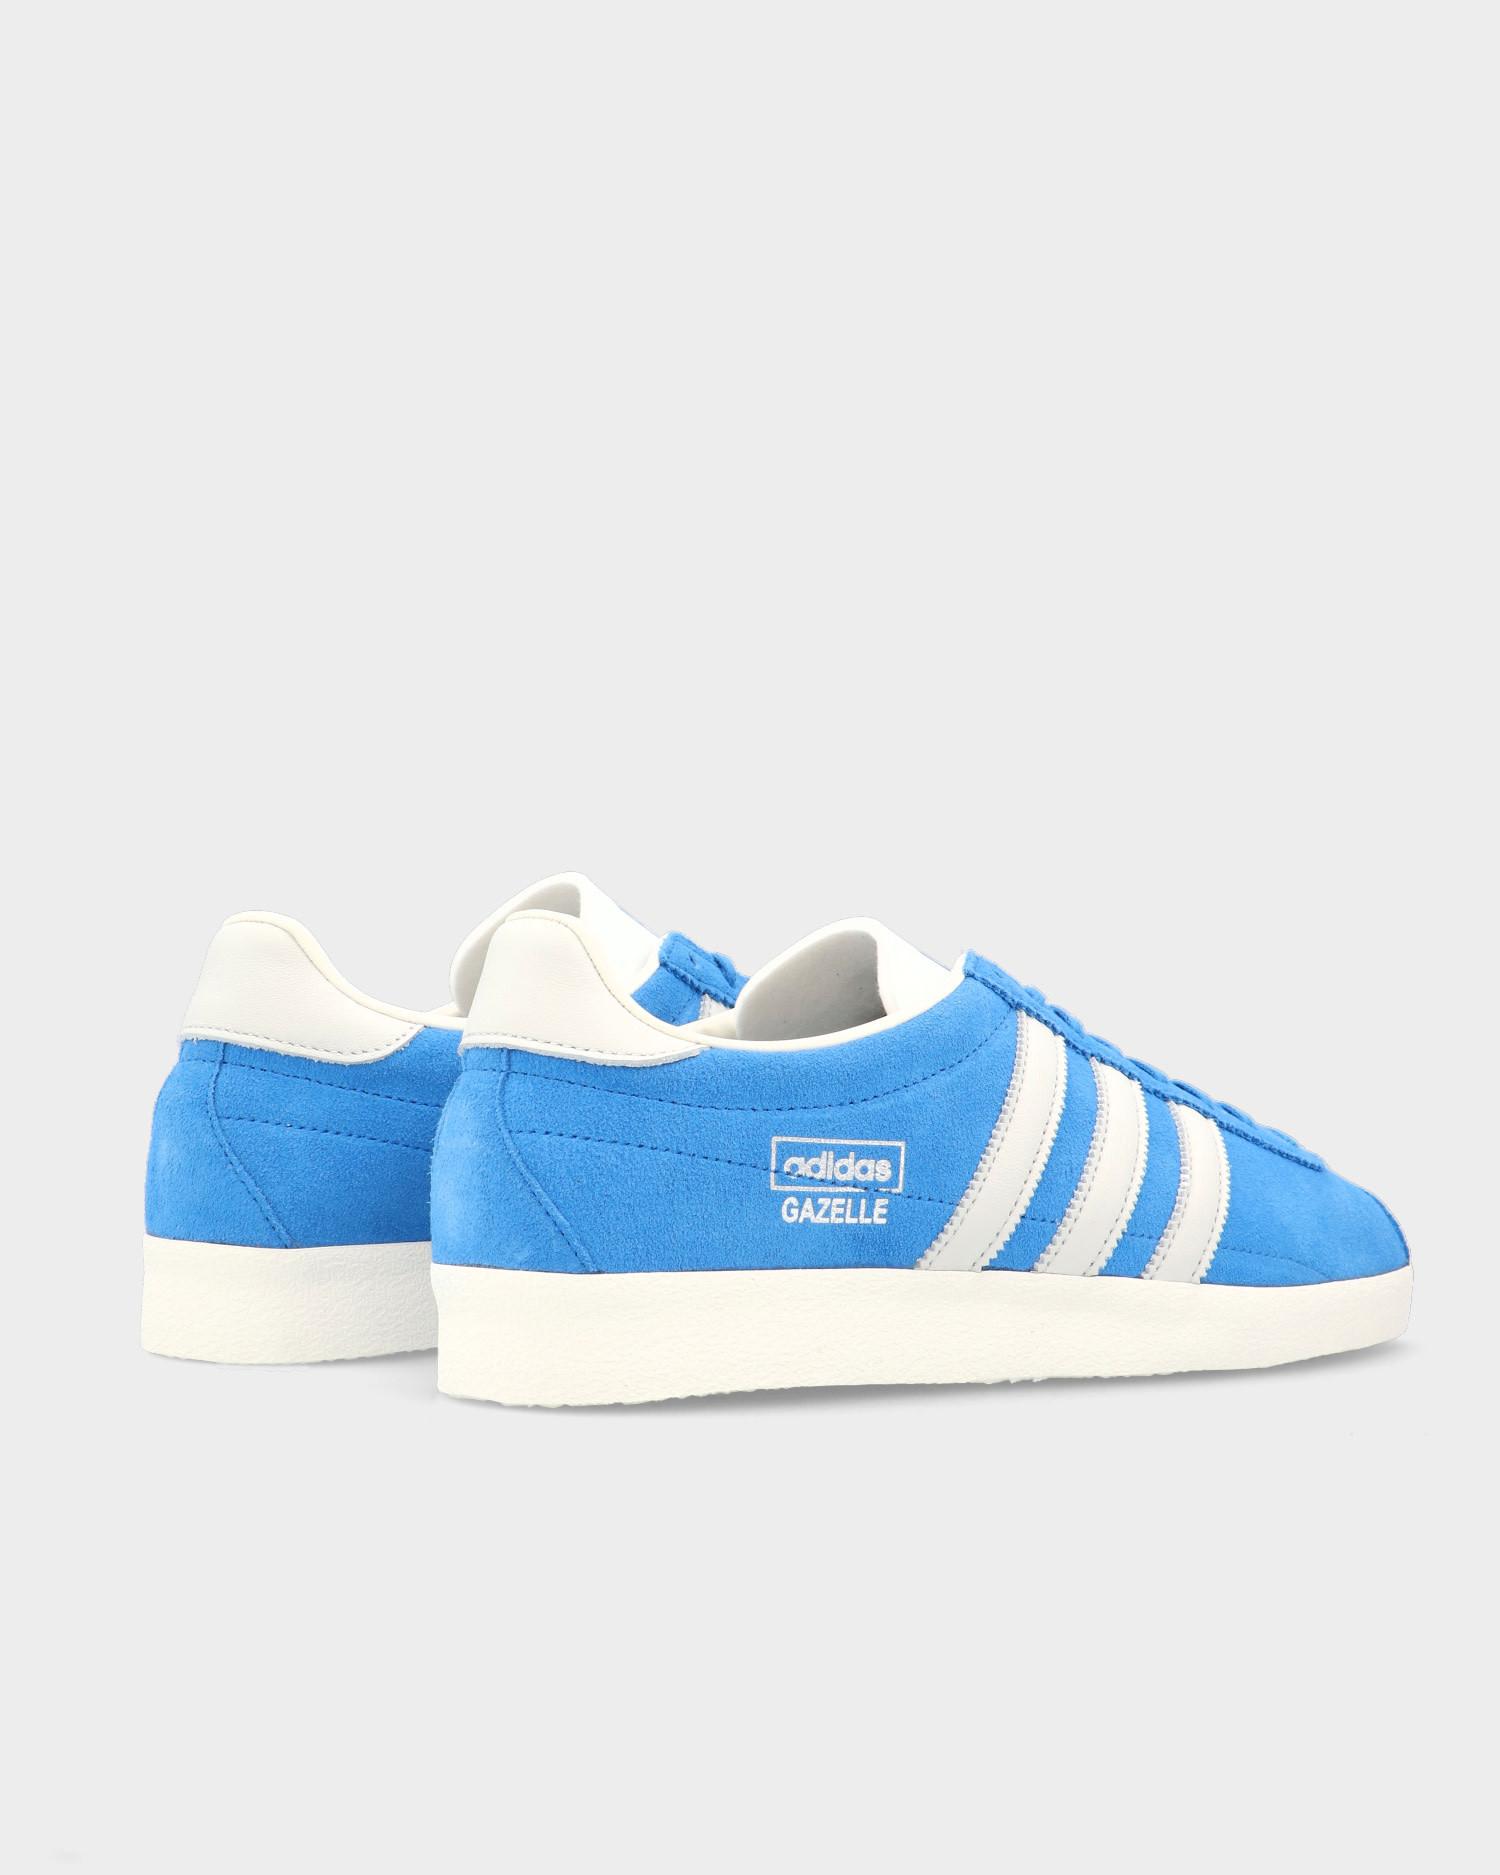 Adidas Gazelle Vintage Blue Bird /Off White /Chalk Yellow